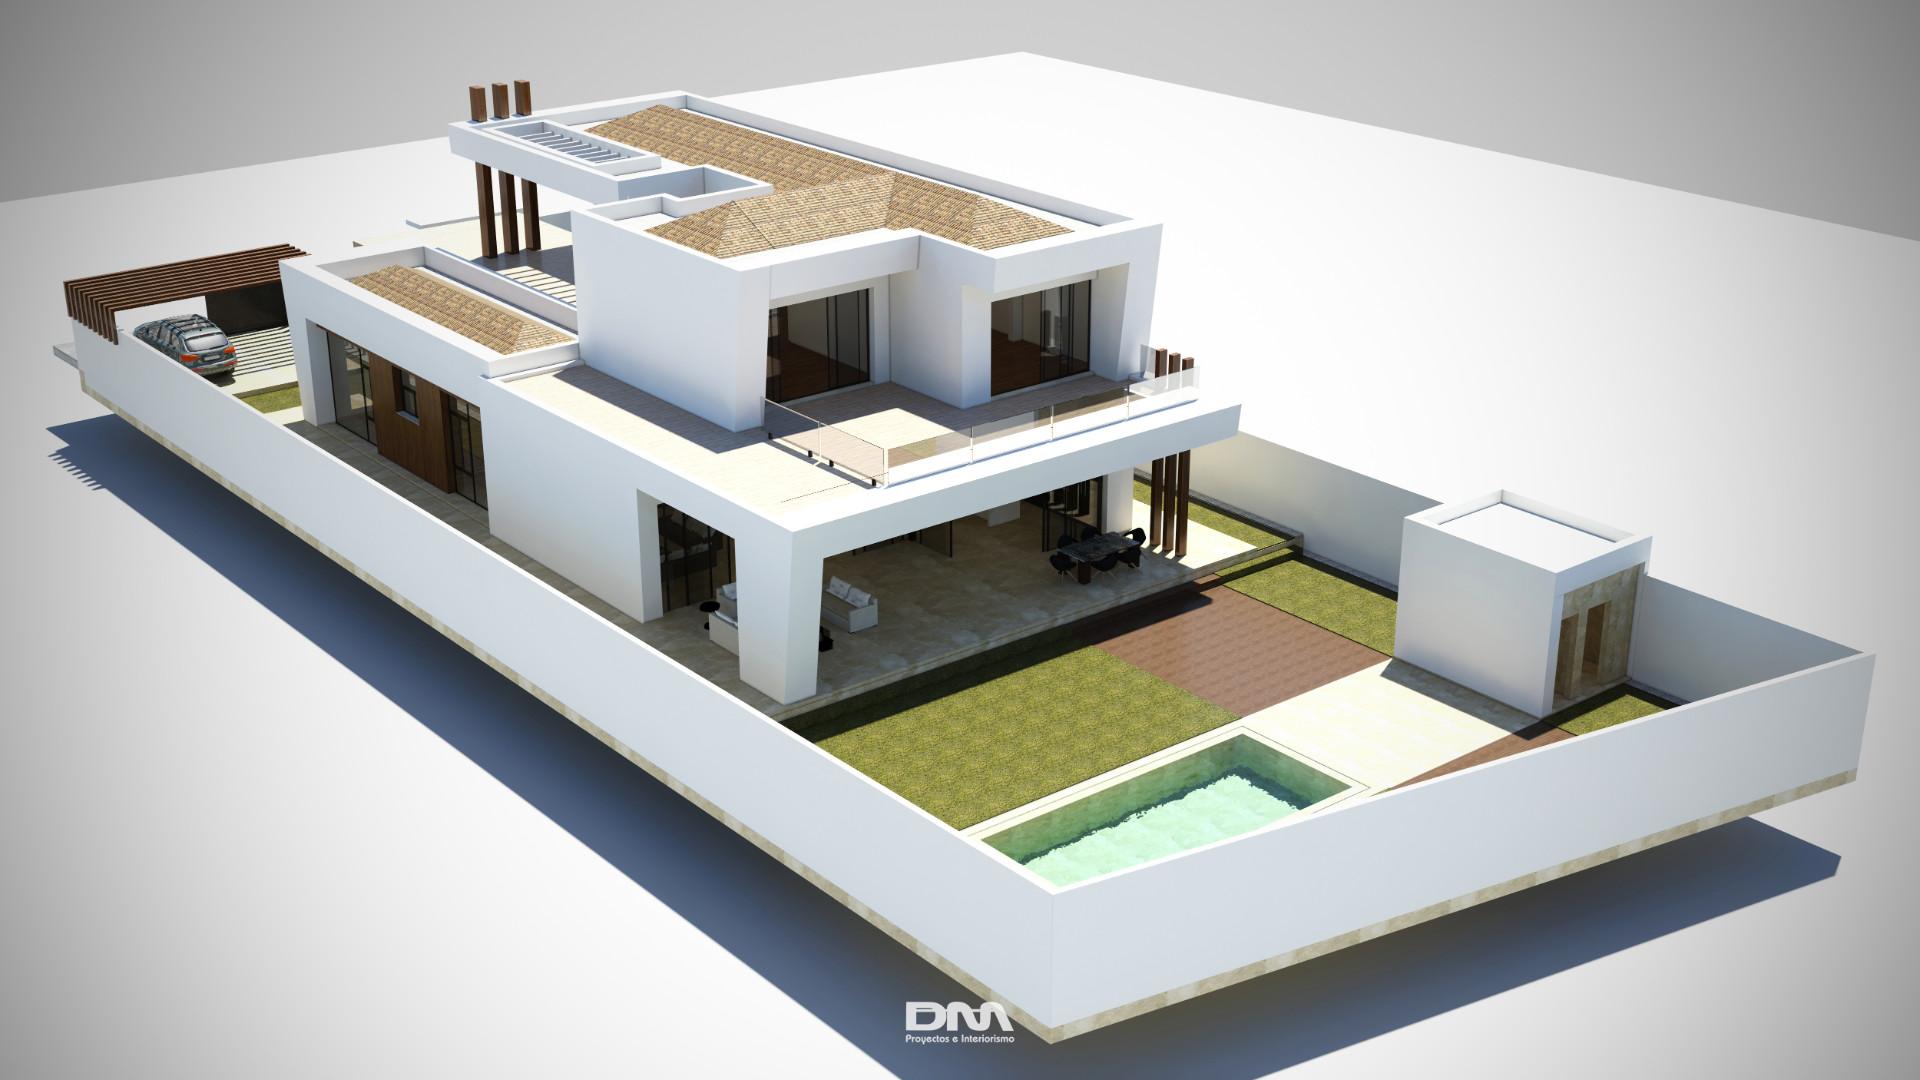 proyectos-interiorismo-interioristas-diseno-interiores-viviendas-particulares-chalets-adosados-lujo-10